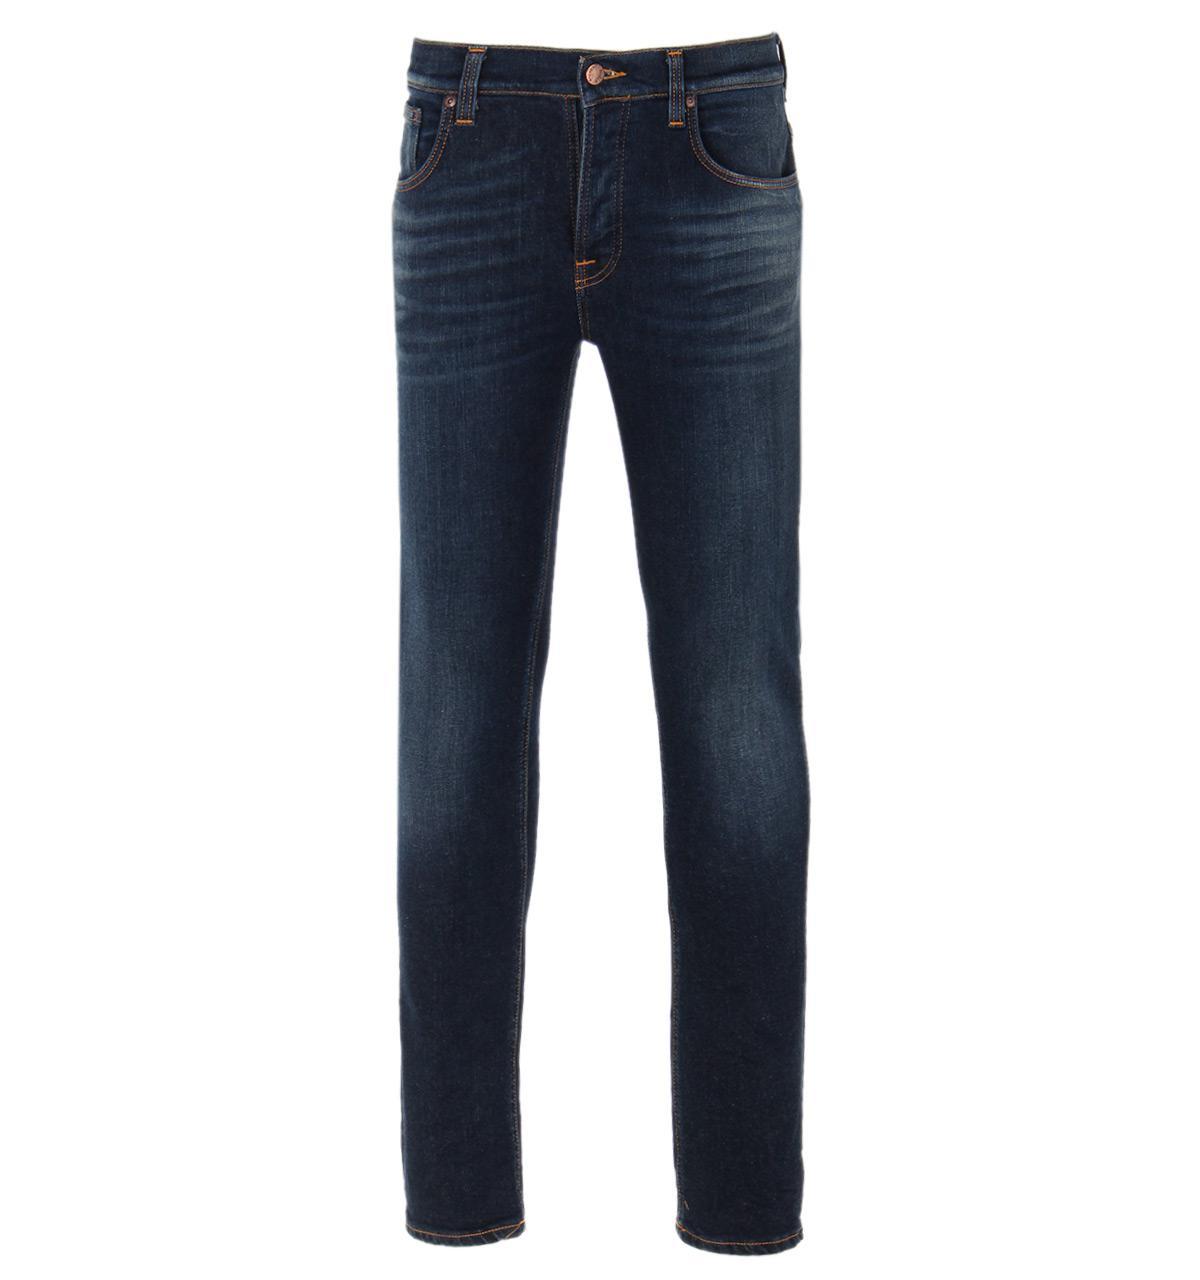 nudie jeans grim tim endorsed indigo stretch denim jeans in blue for men lyst. Black Bedroom Furniture Sets. Home Design Ideas